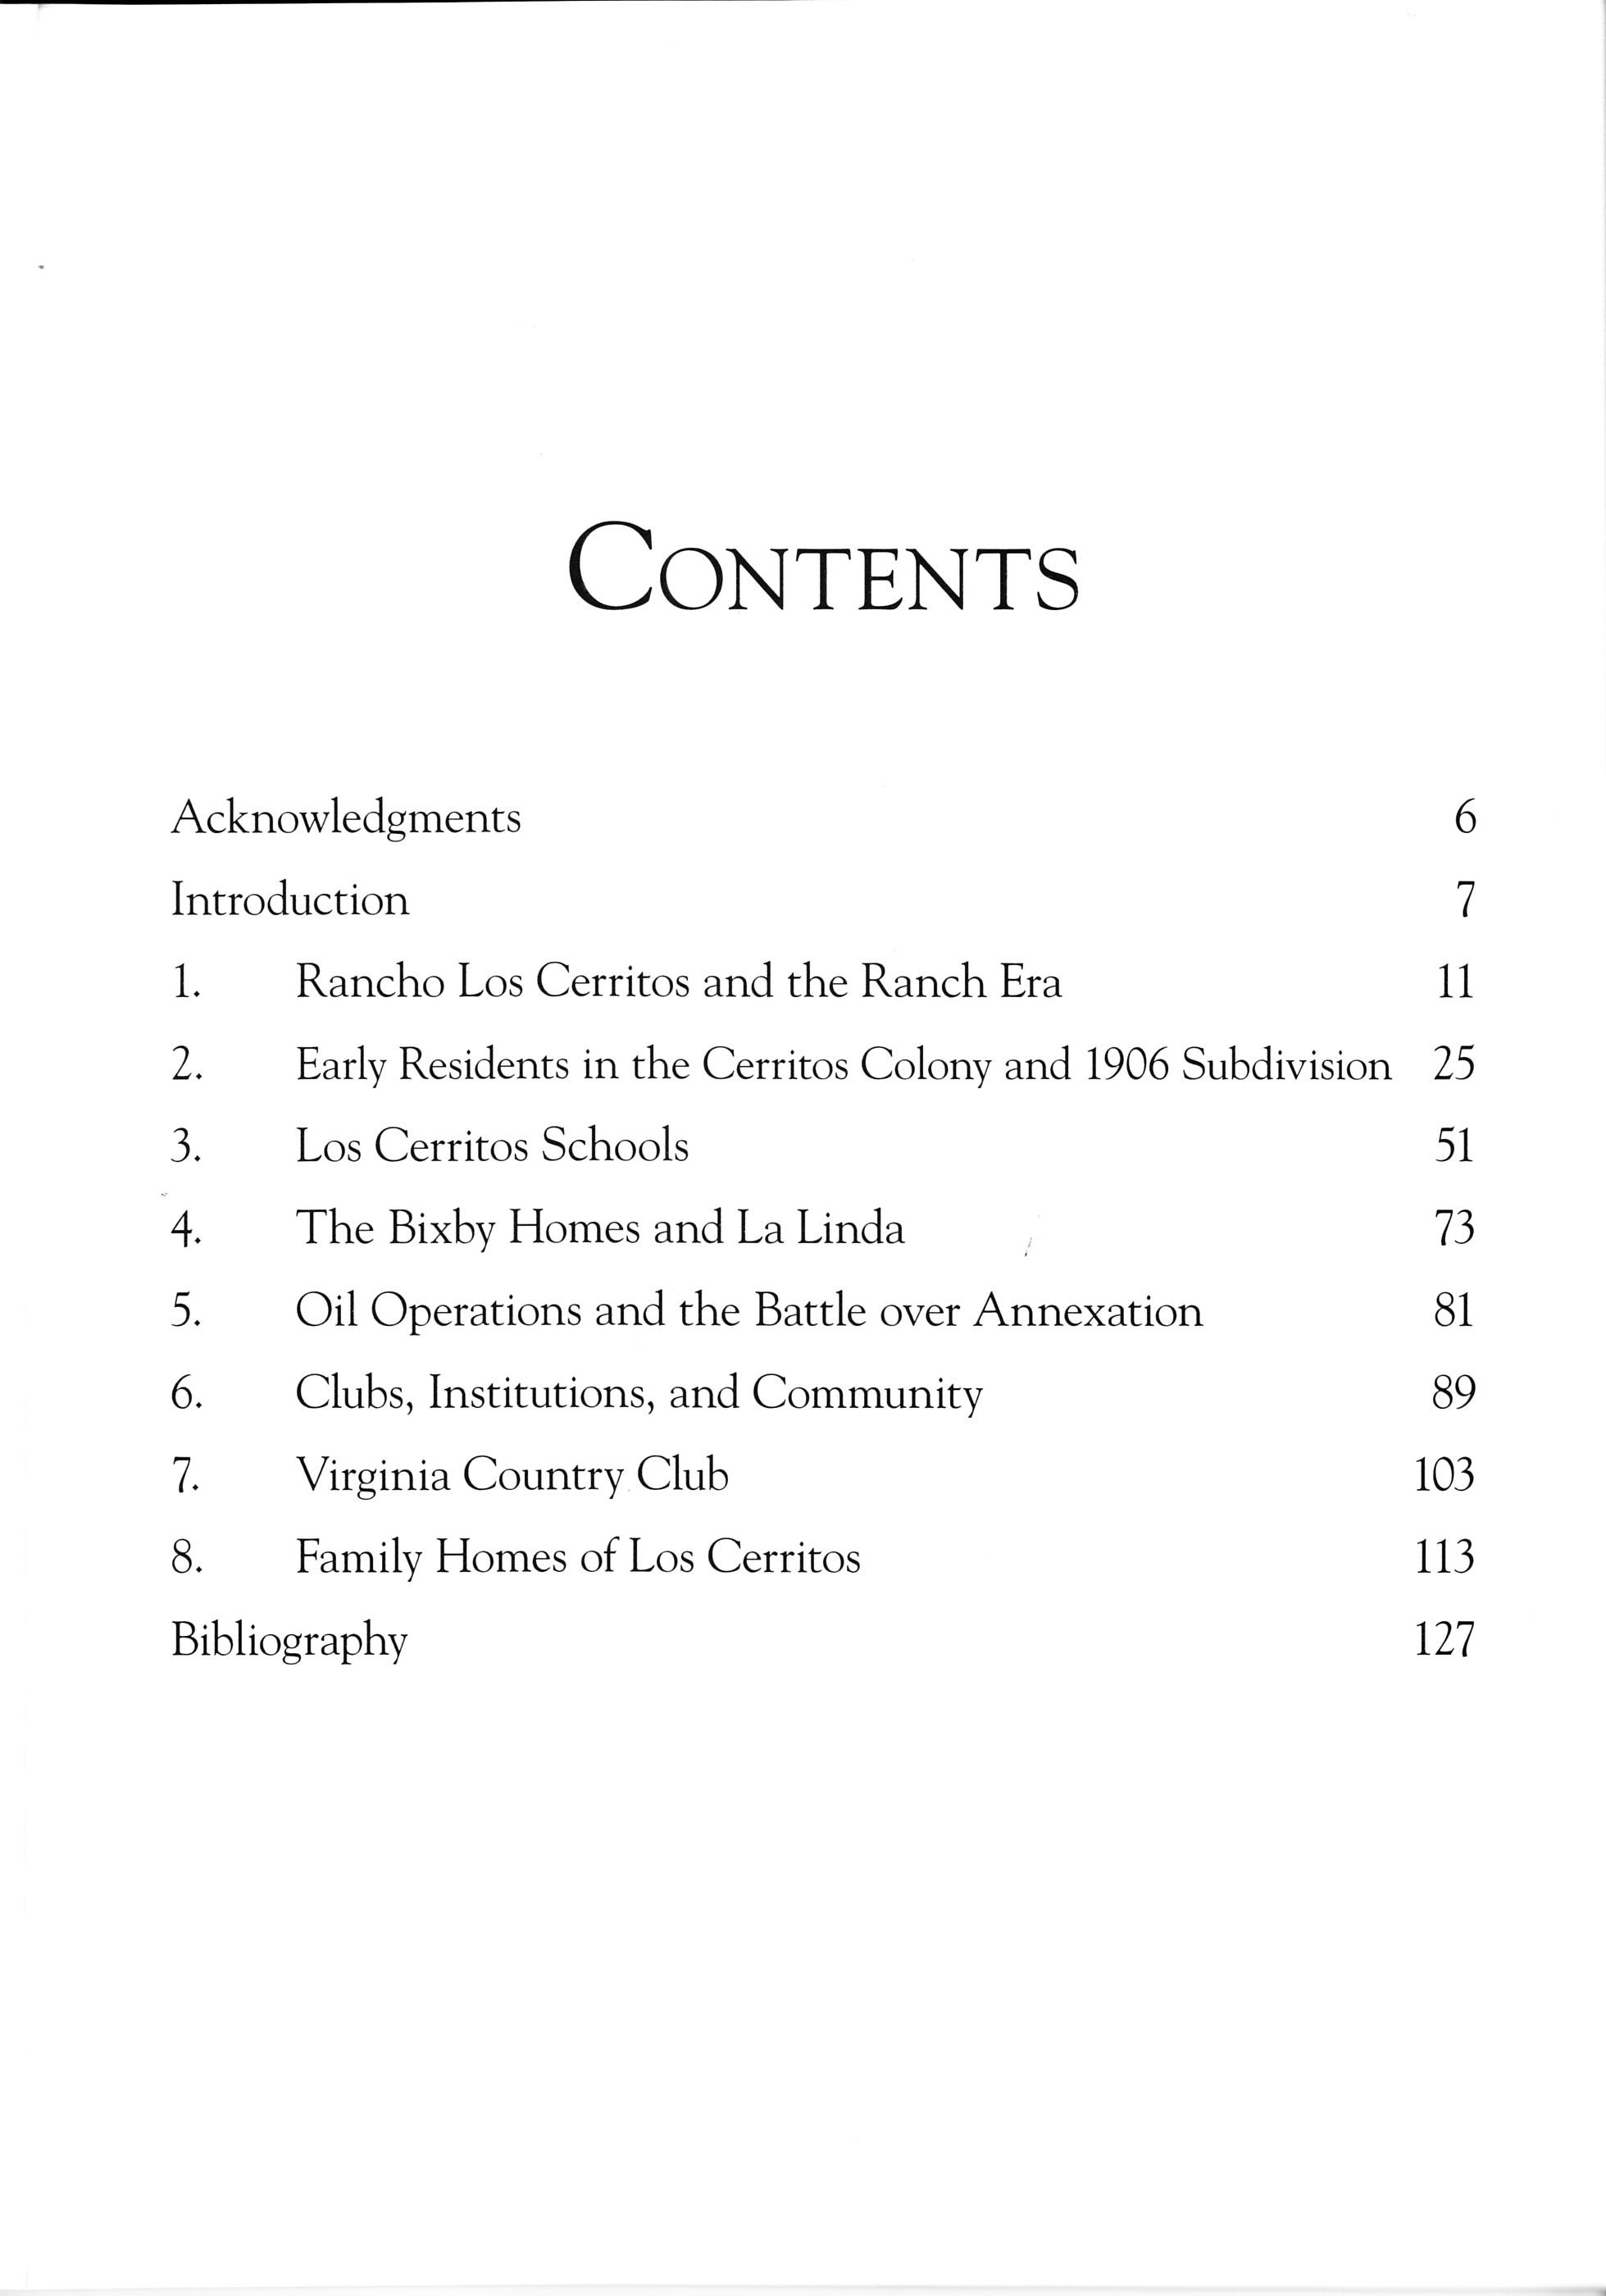 Long beach Los Cerritos table of contents